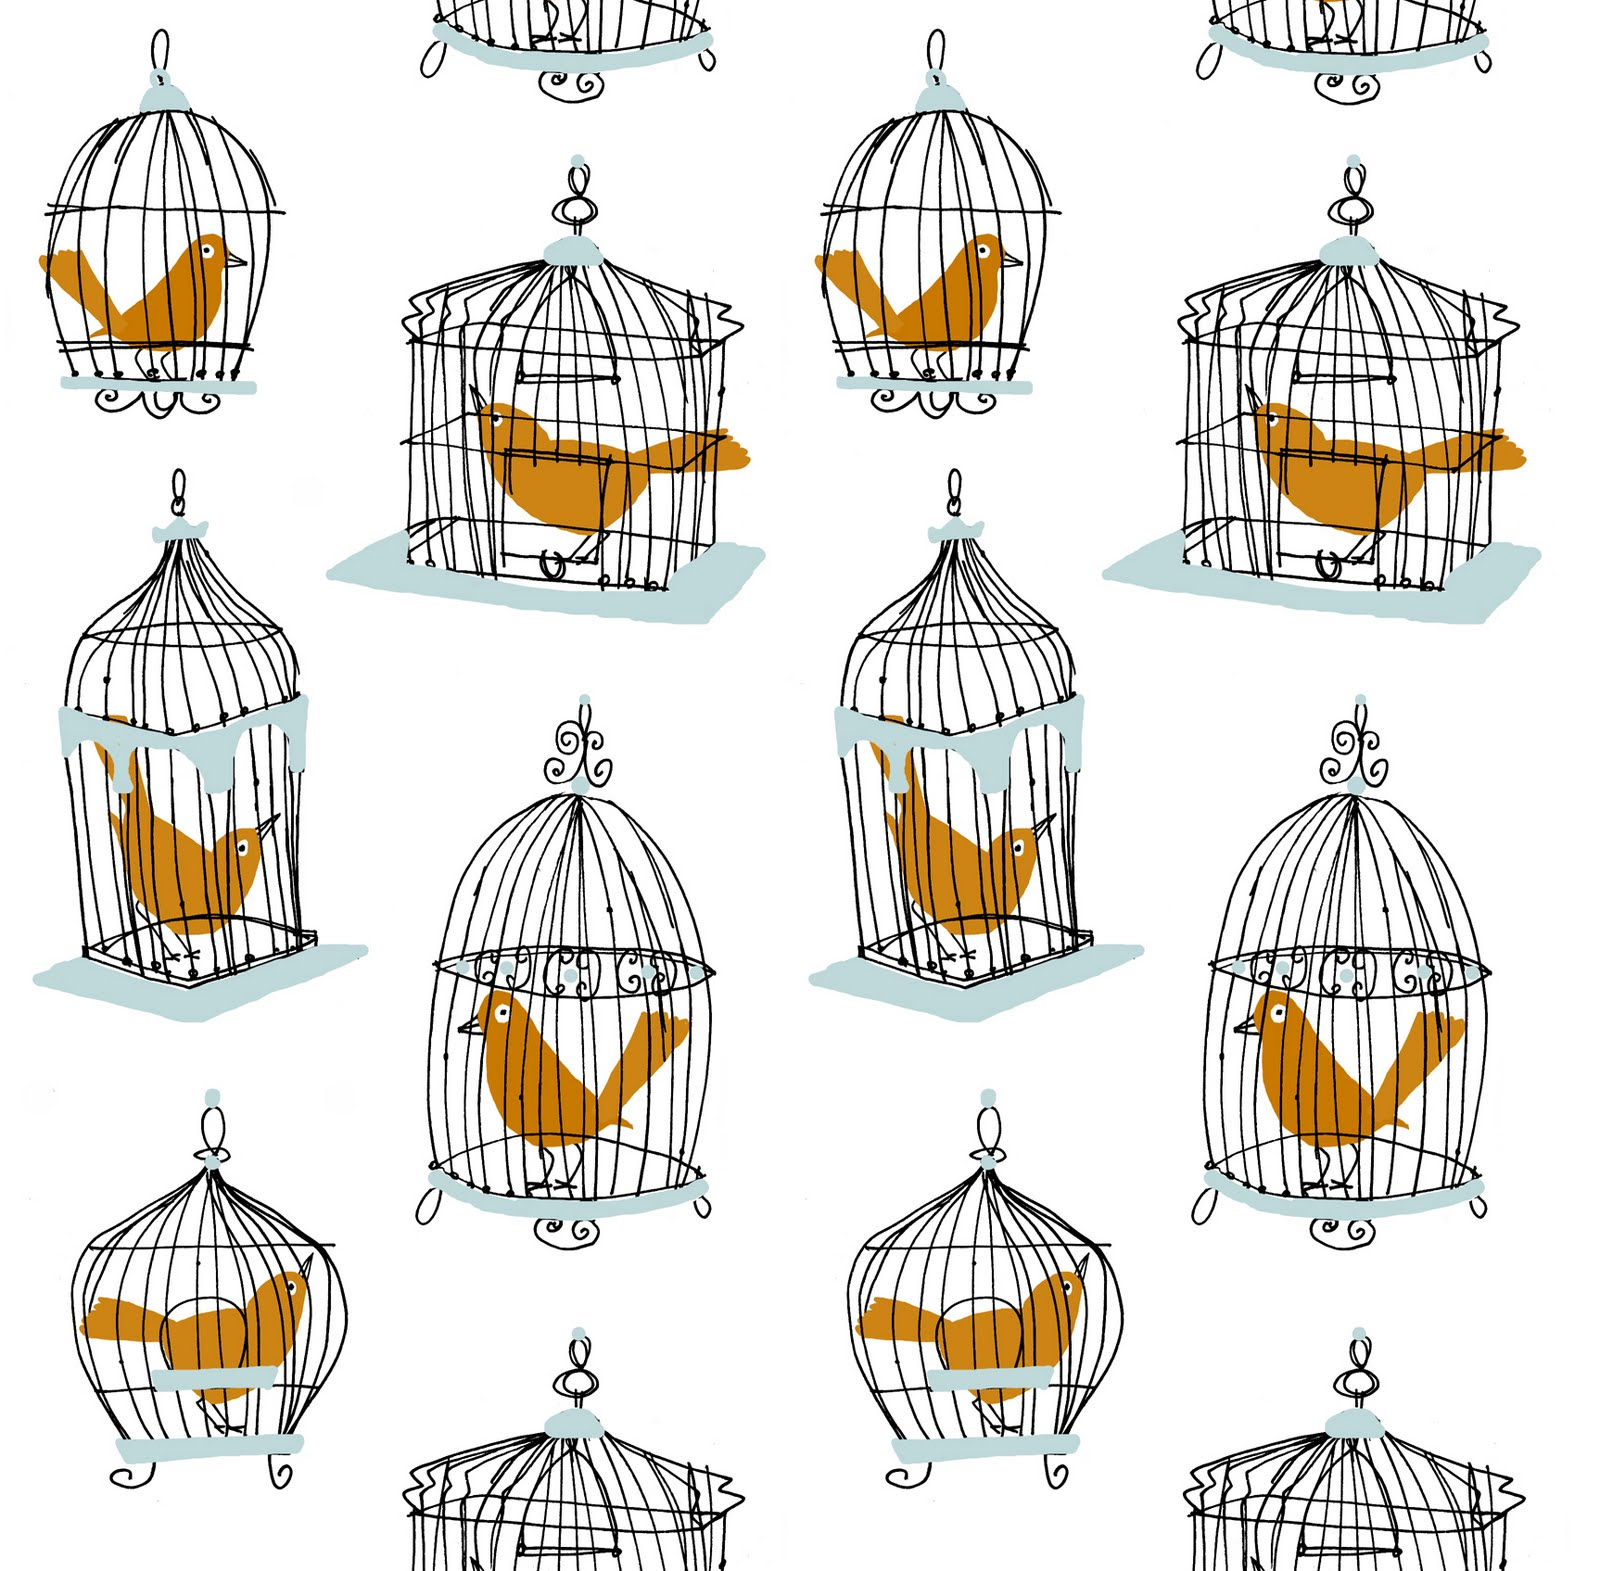 http://2.bp.blogspot.com/-nx0mCv1mSjI/TWbyk6wqaDI/AAAAAAAADYk/7dlos072j8I/s1600/Birdcages%2BRetro%2Borange%2B%252B%2Bblue.jpg